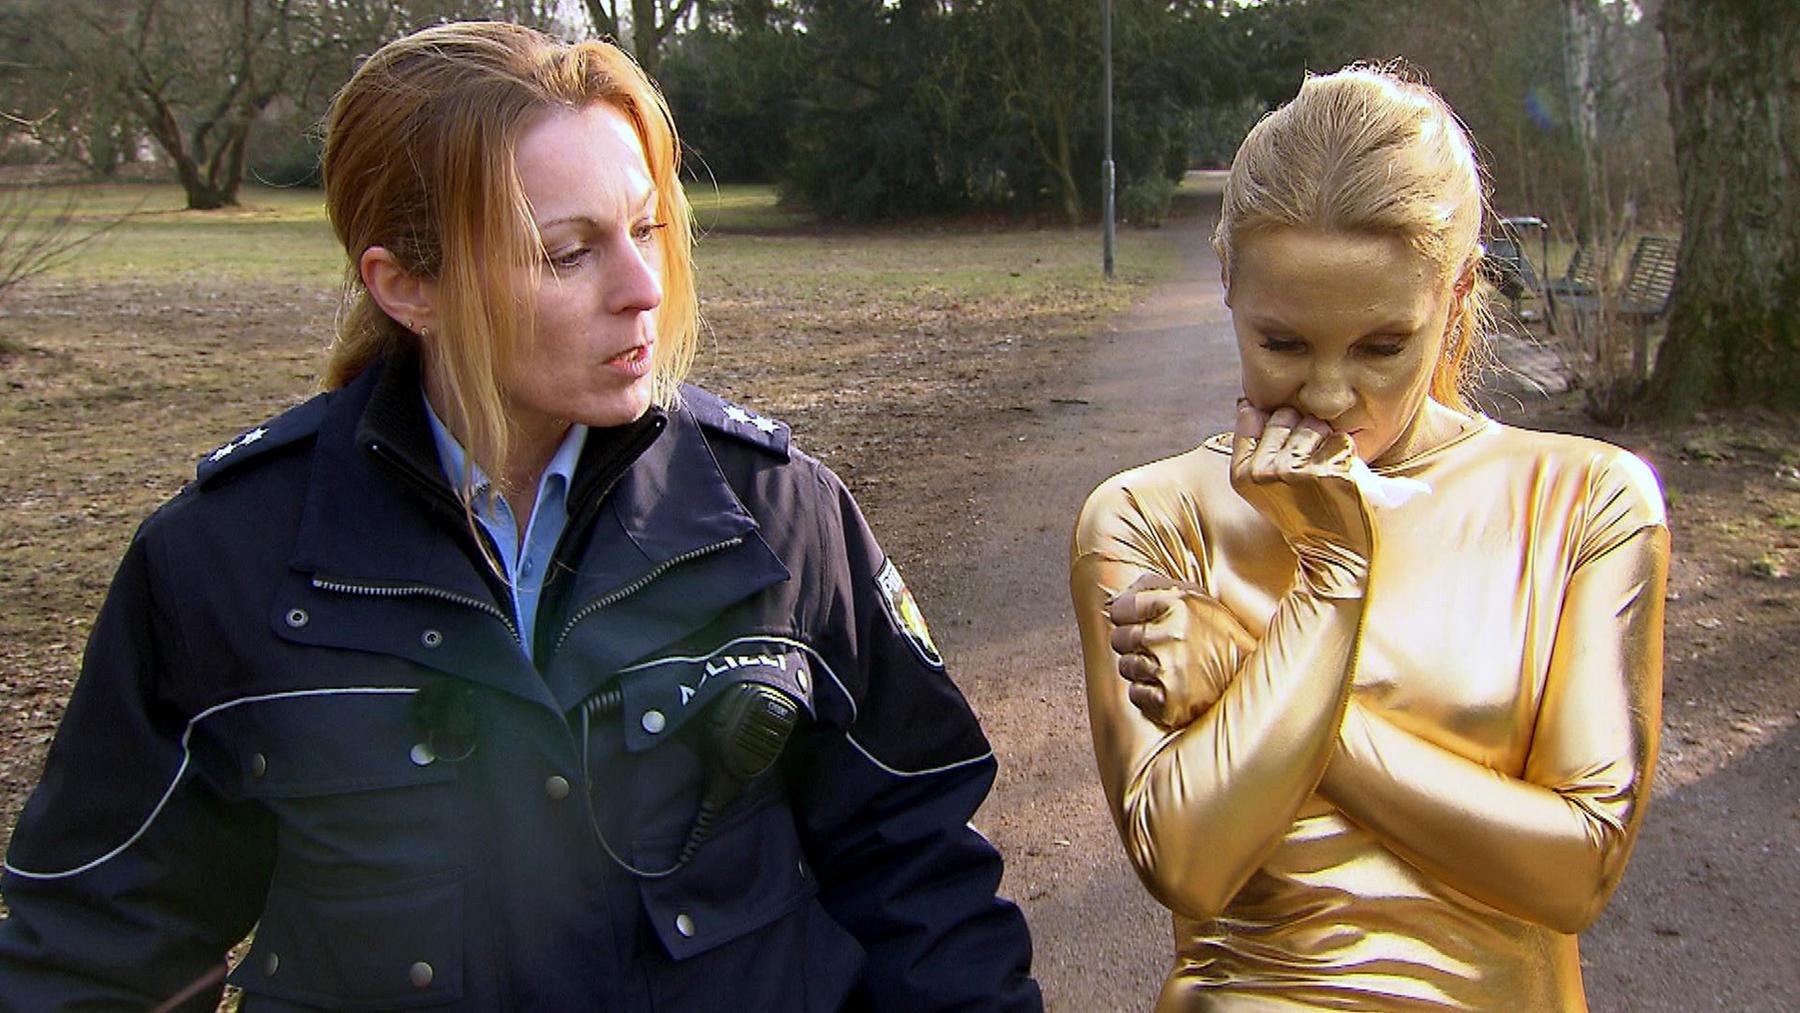 Goldene Frau verursacht Verkehrsunfall   18-jähriger Gamer dreht durch